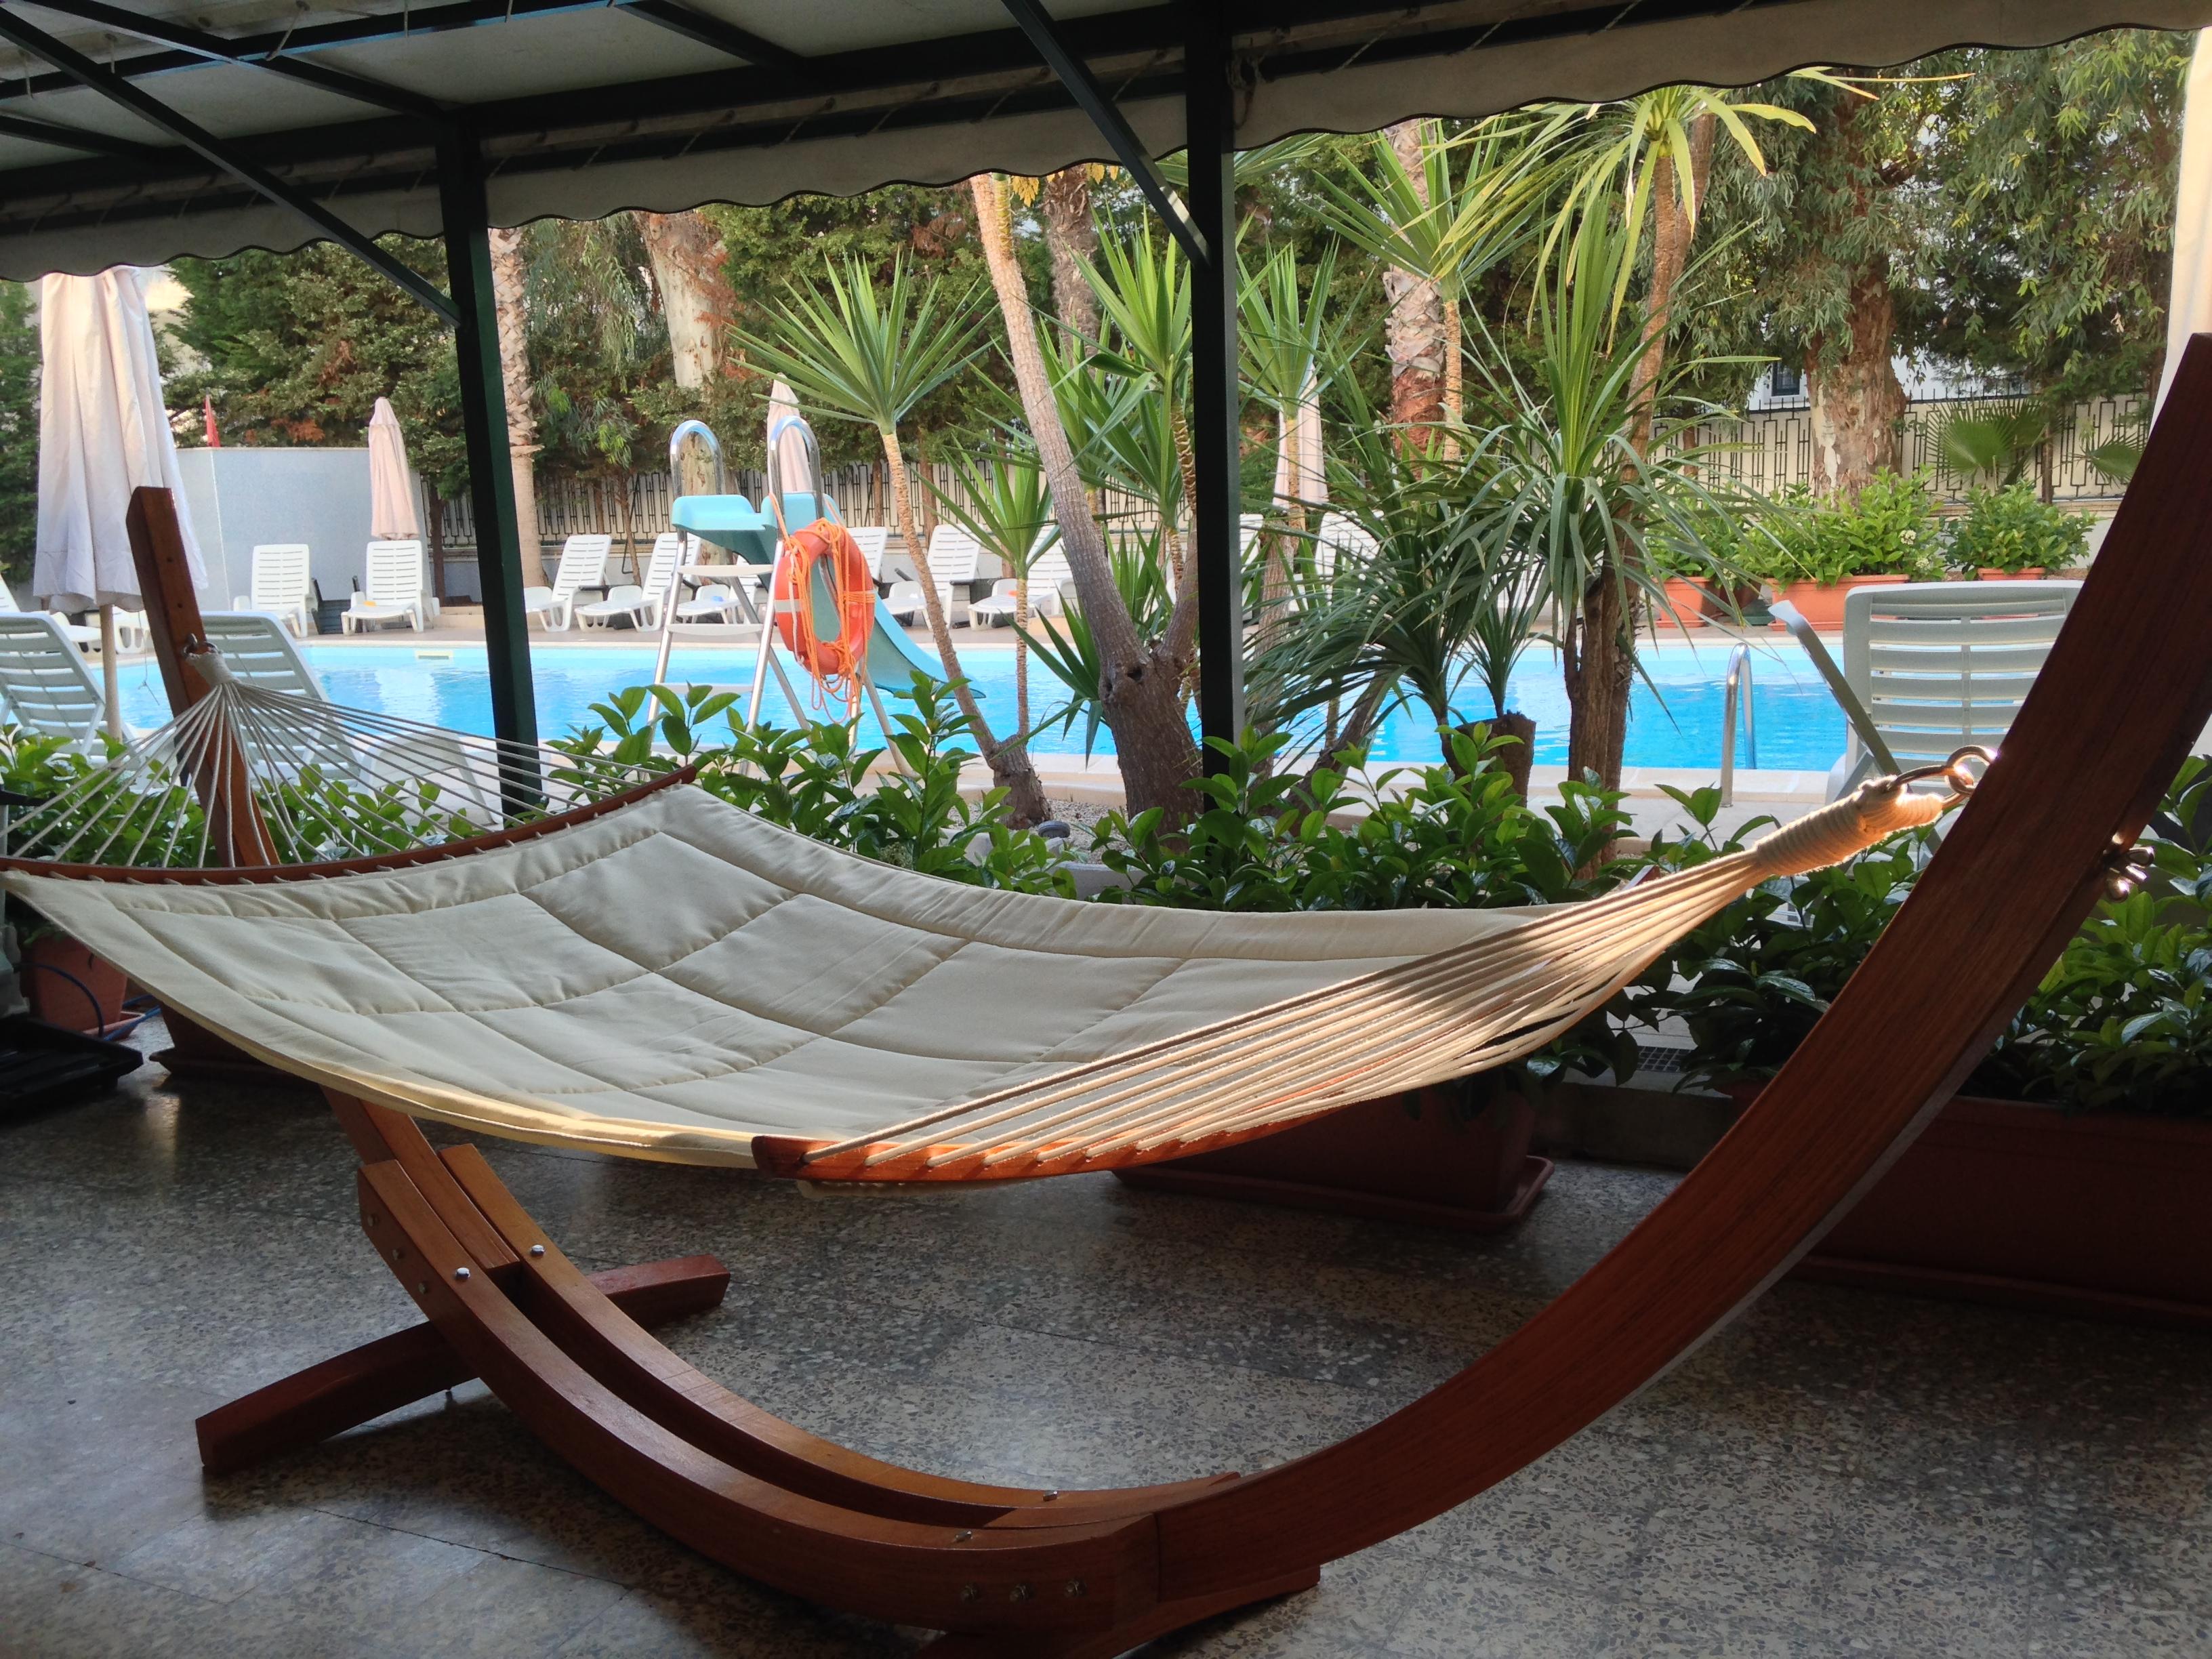 piscina di Ecoresort Le Sirenè in convenzione con Hotel Joly Park a Gallipoli